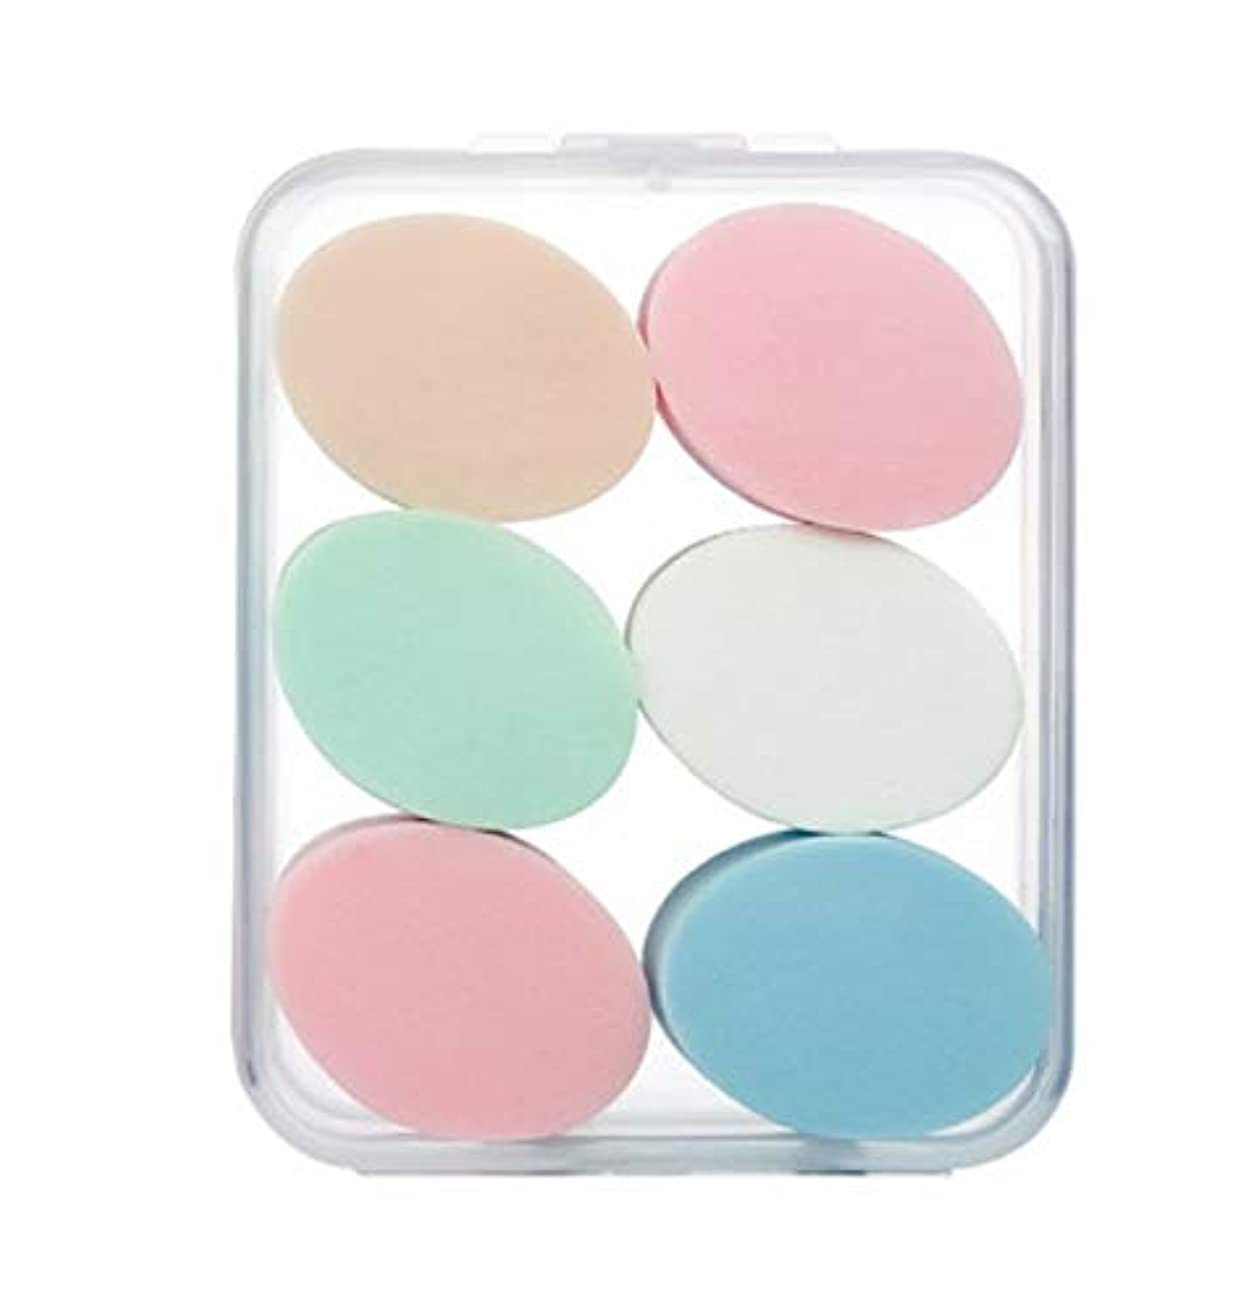 スナック待つ看板美容スポンジ、収納ボックス付きソフト楕円化粧スポンジ美容メイク卵6パック